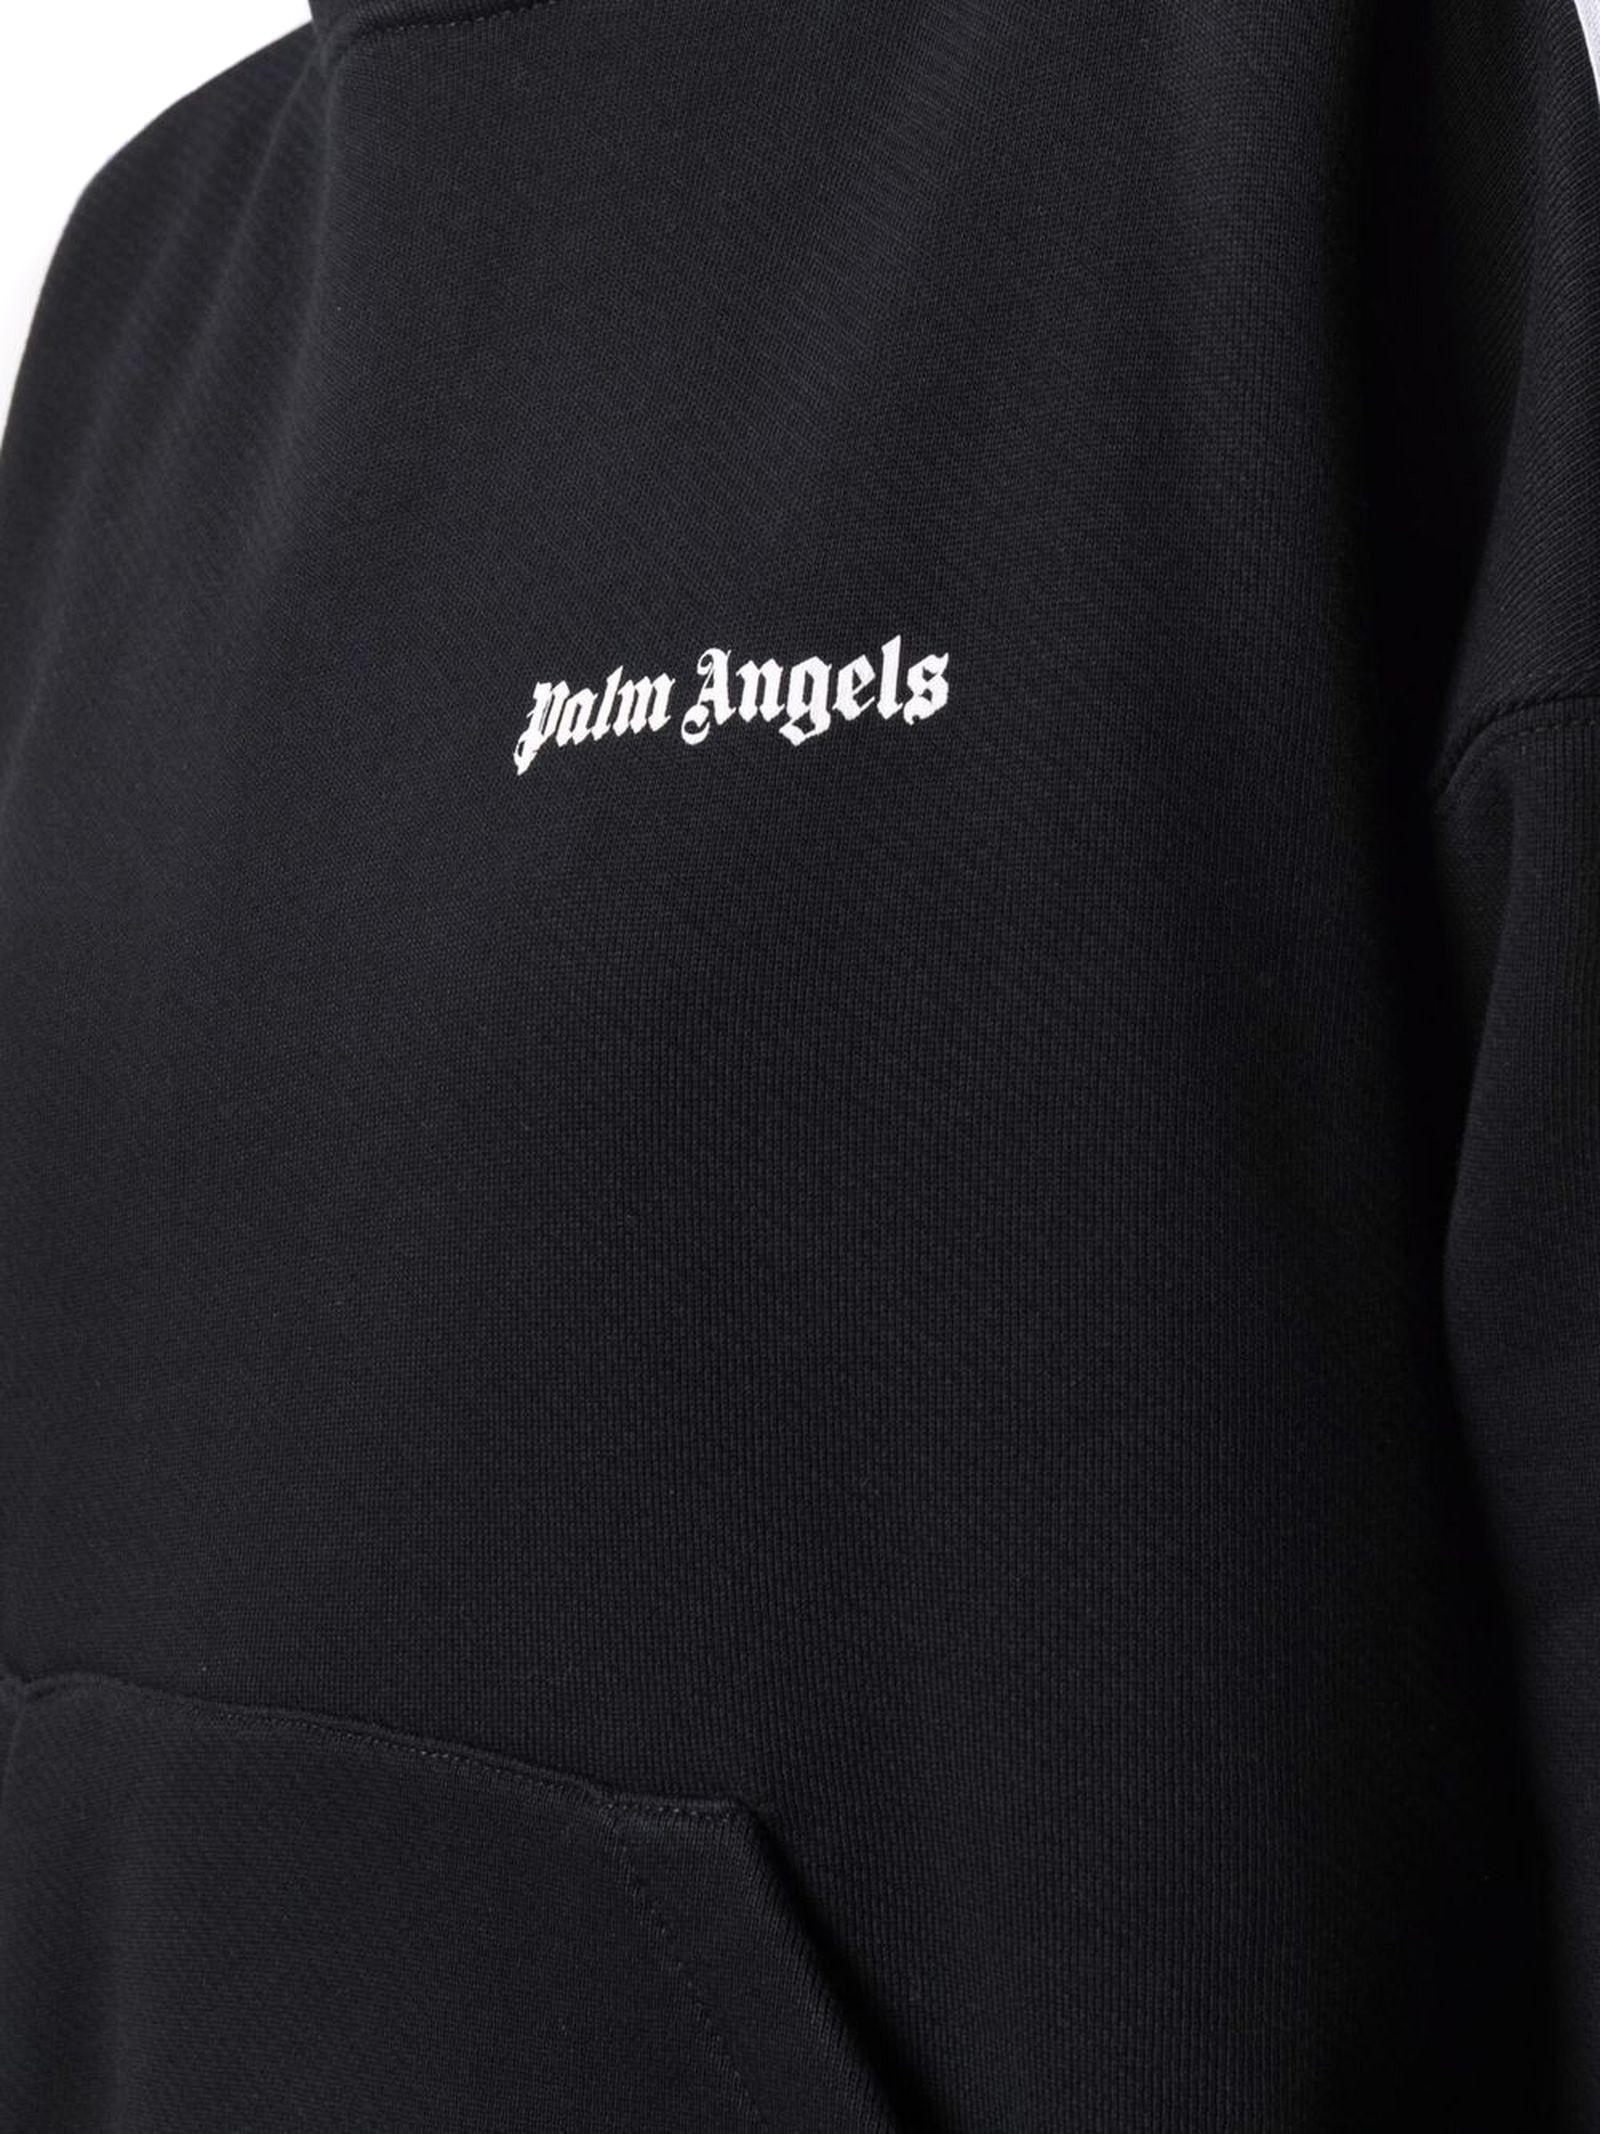 PALM ANGELS   26   PWBB023F21FLE0011001